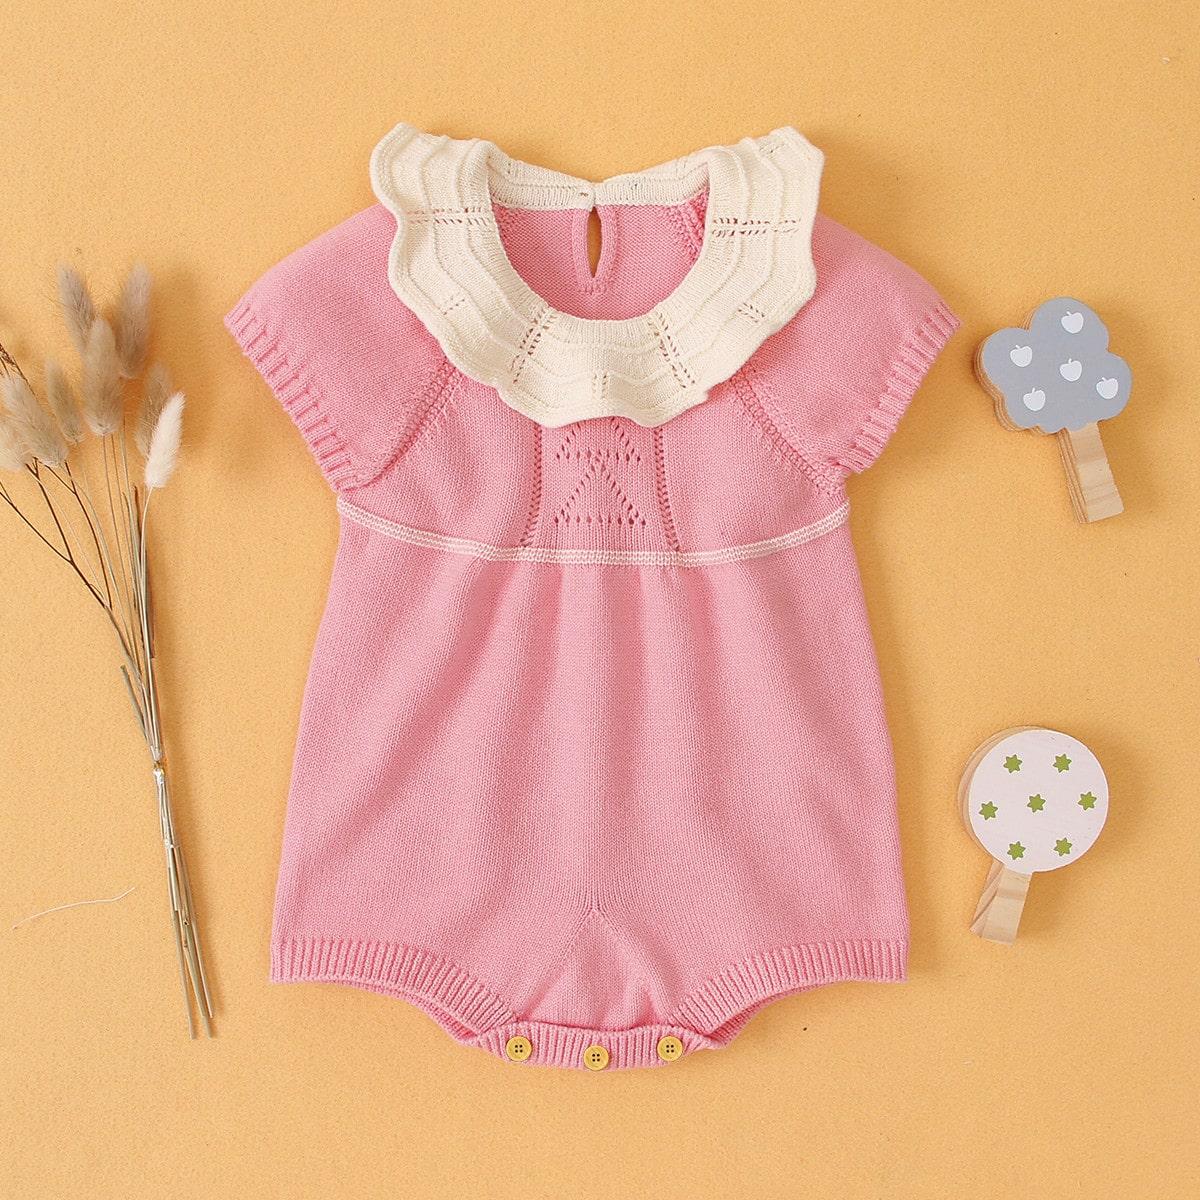 С оборками контрастный цвет милый трикотажные комбинезоны для малышей